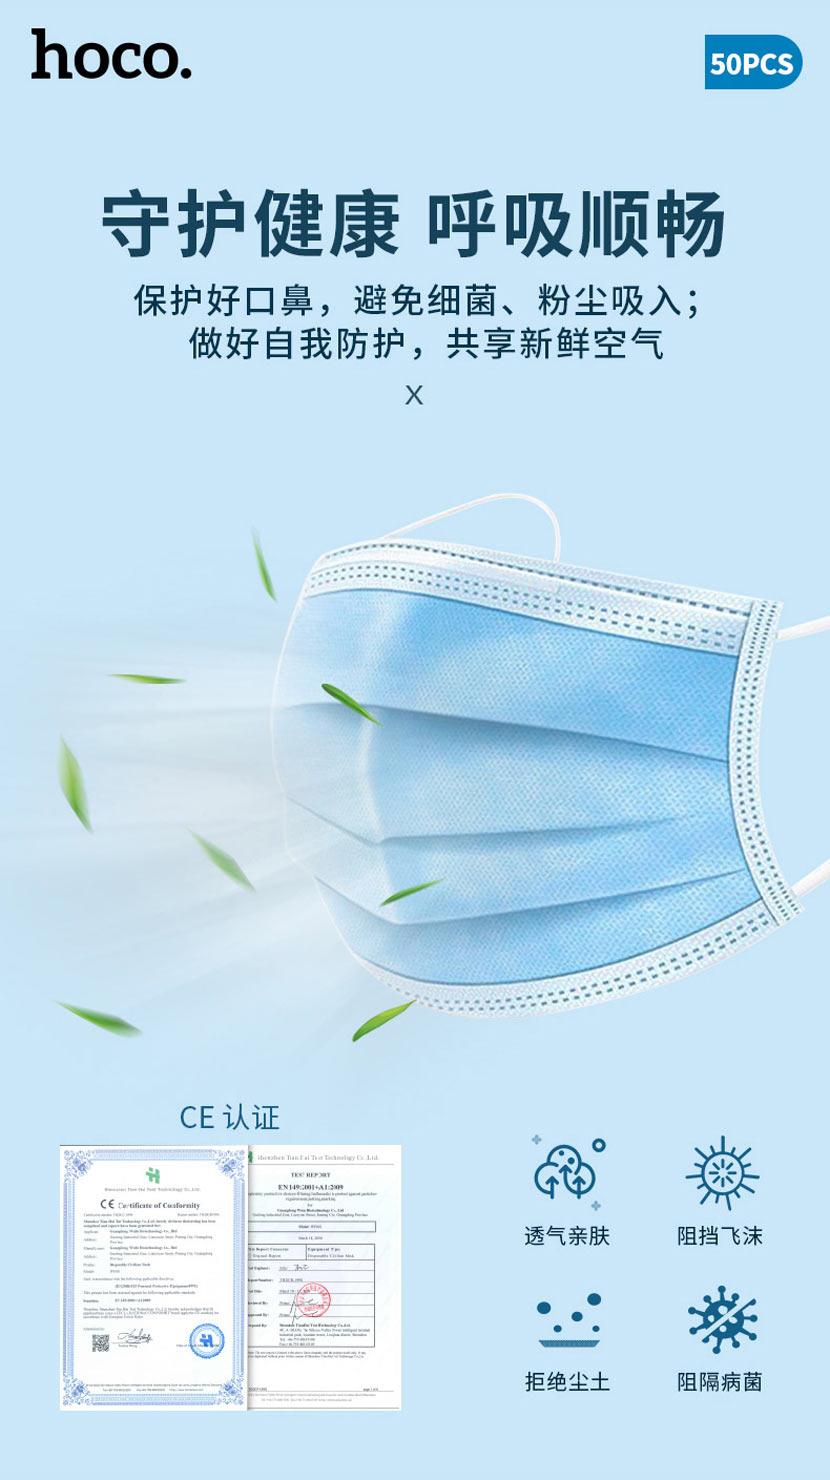 浩酷 新闻 一次性使用防护口罩 保护 cn